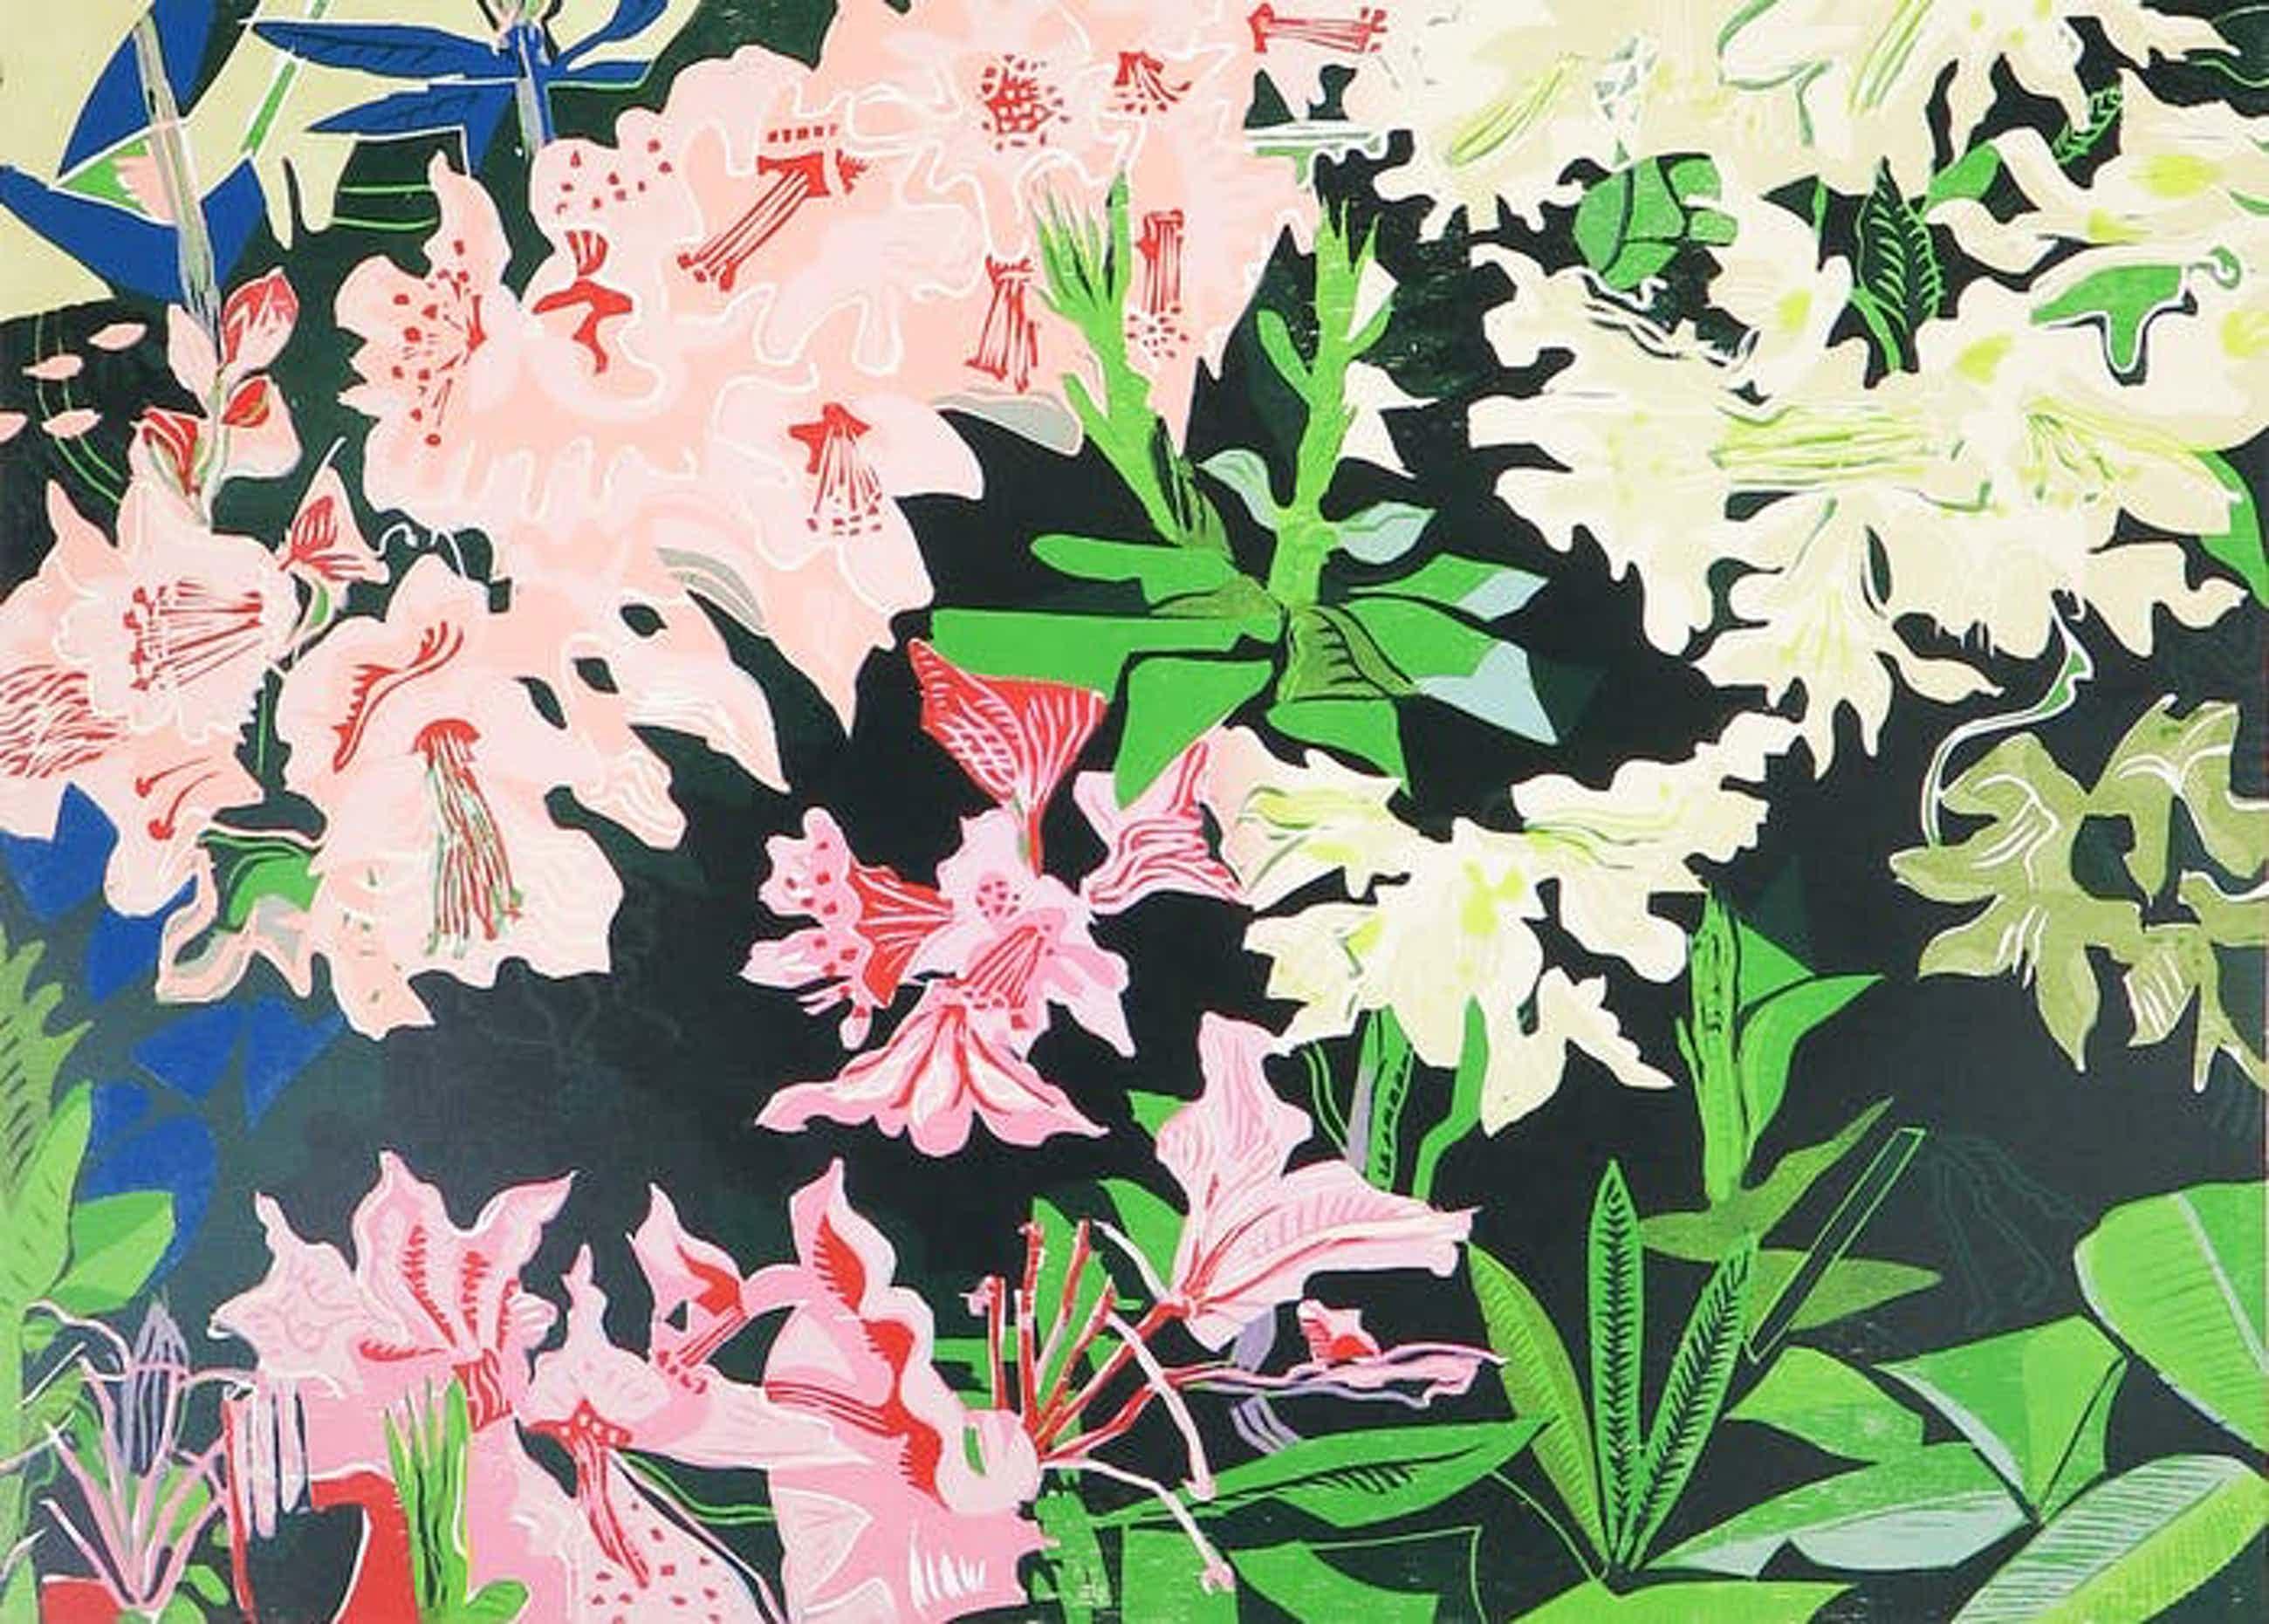 Vincent van Ojen - Houtsnede, Rhododendron kopen? Bied vanaf 85!